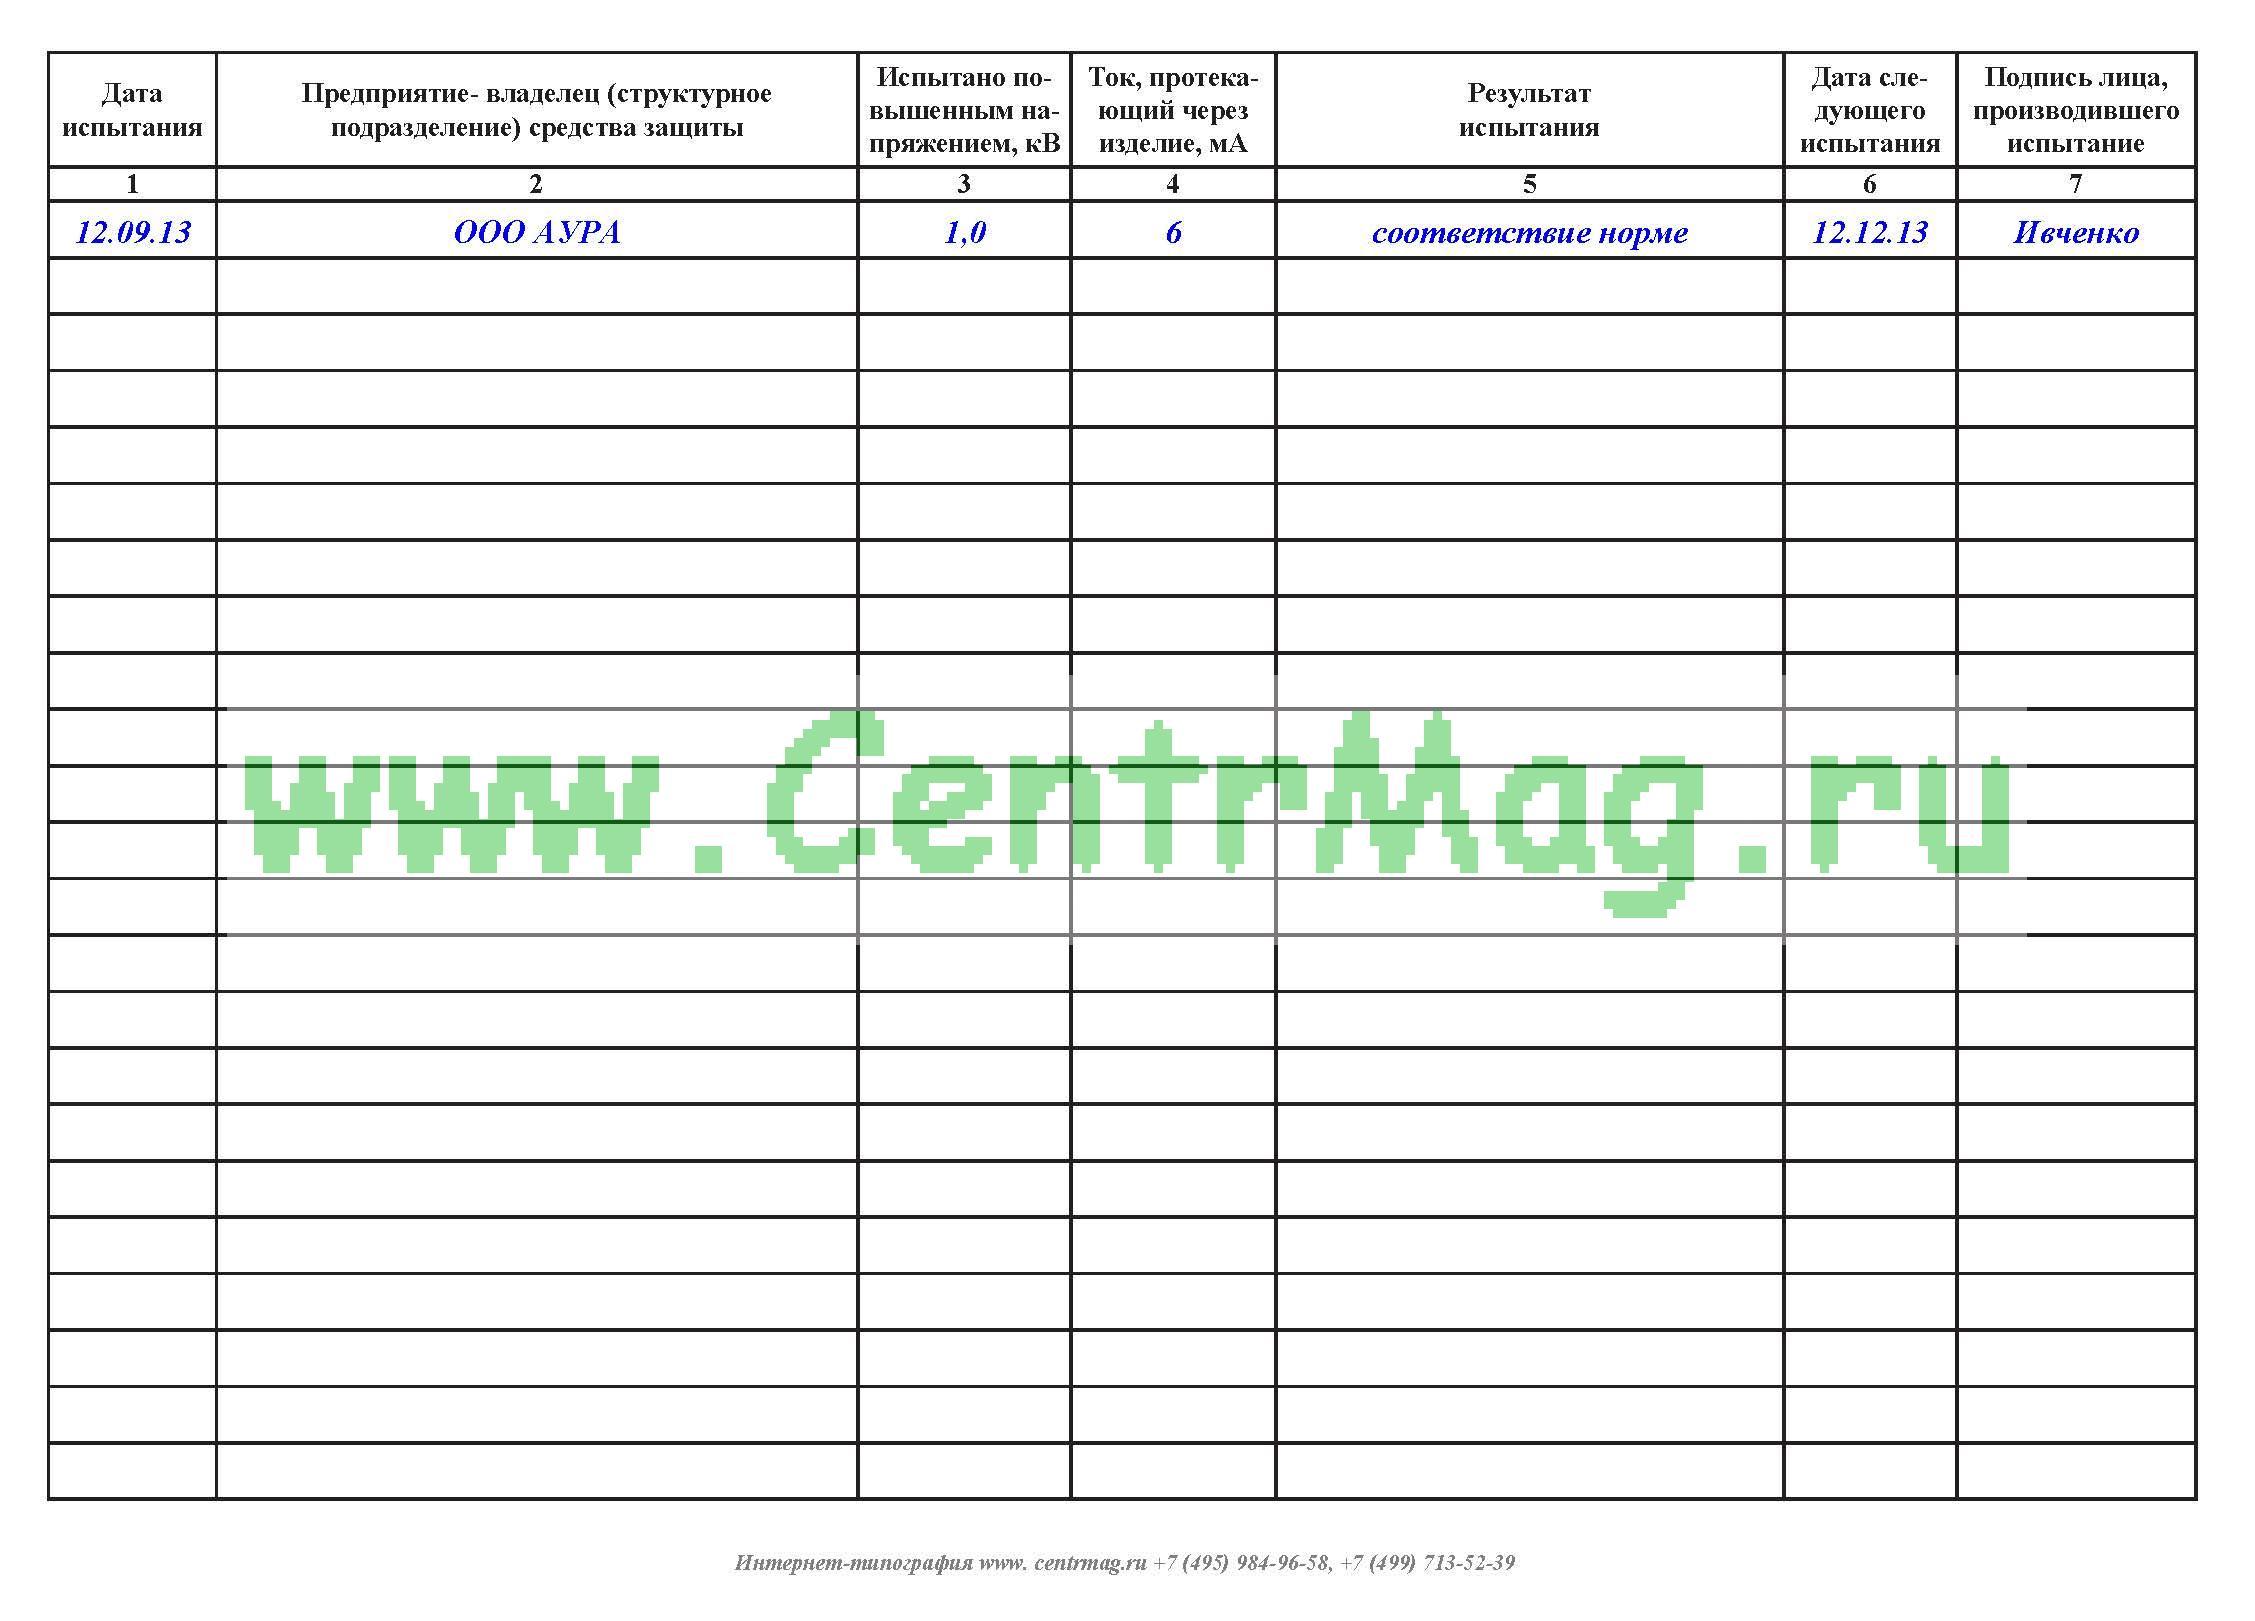 Журнал испытаний средств защиты из диэлектрической резины и.